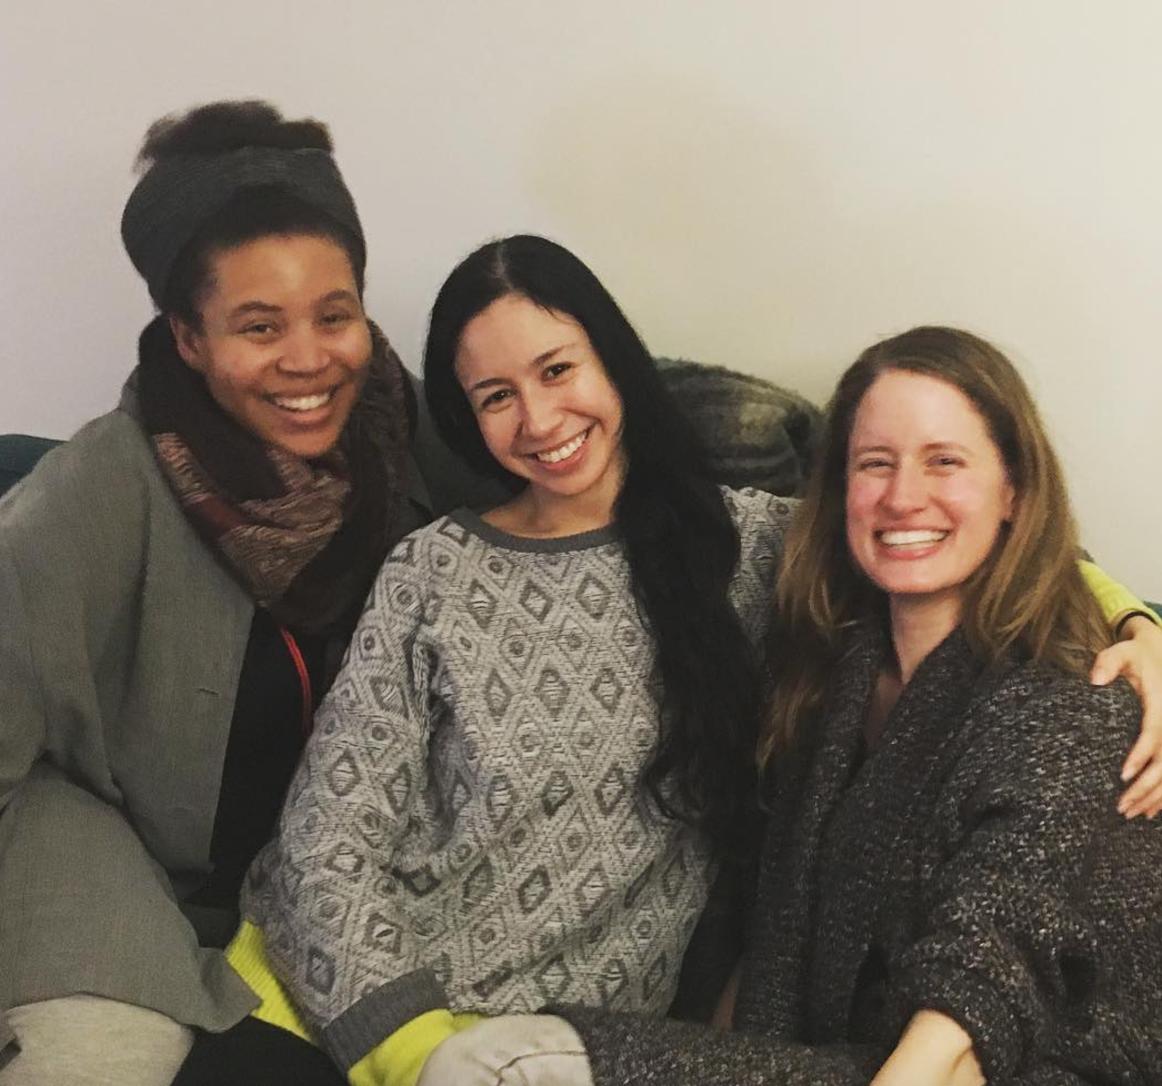 Joy, Jasmine, and Dana